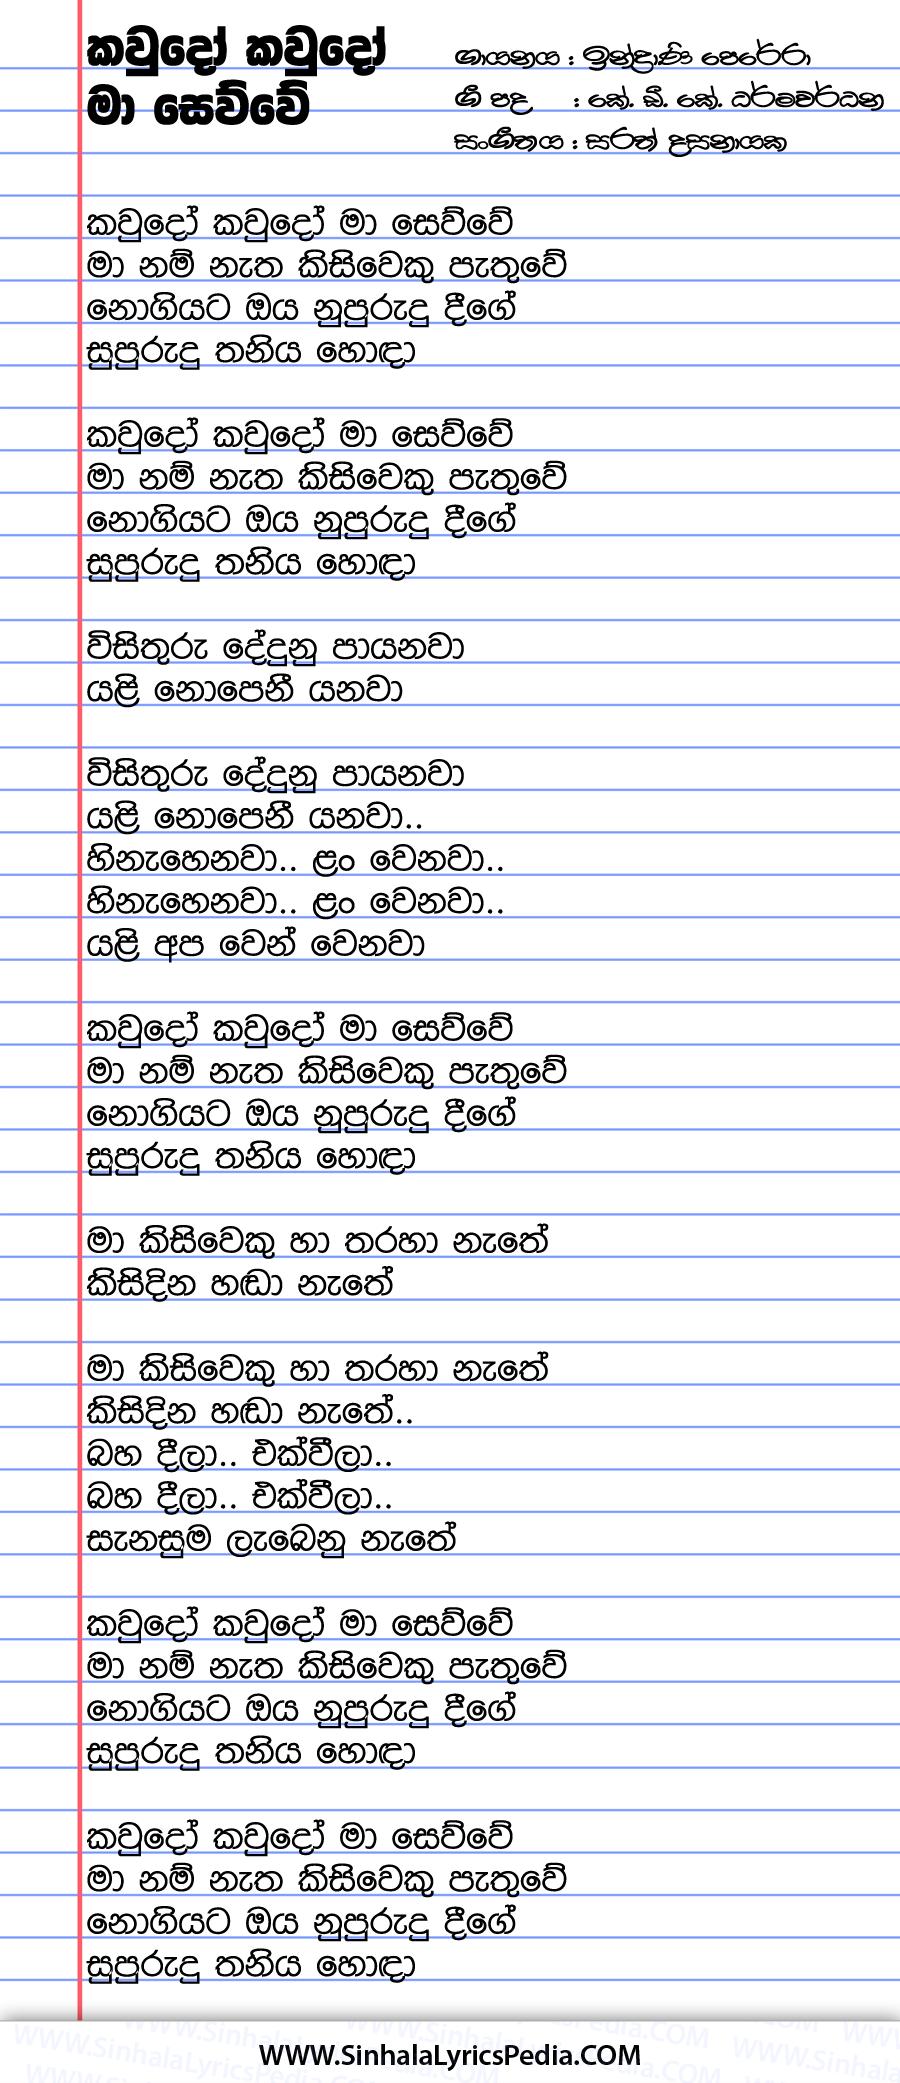 Kaudo Kaudo Ma Sewwe Song Lyrics